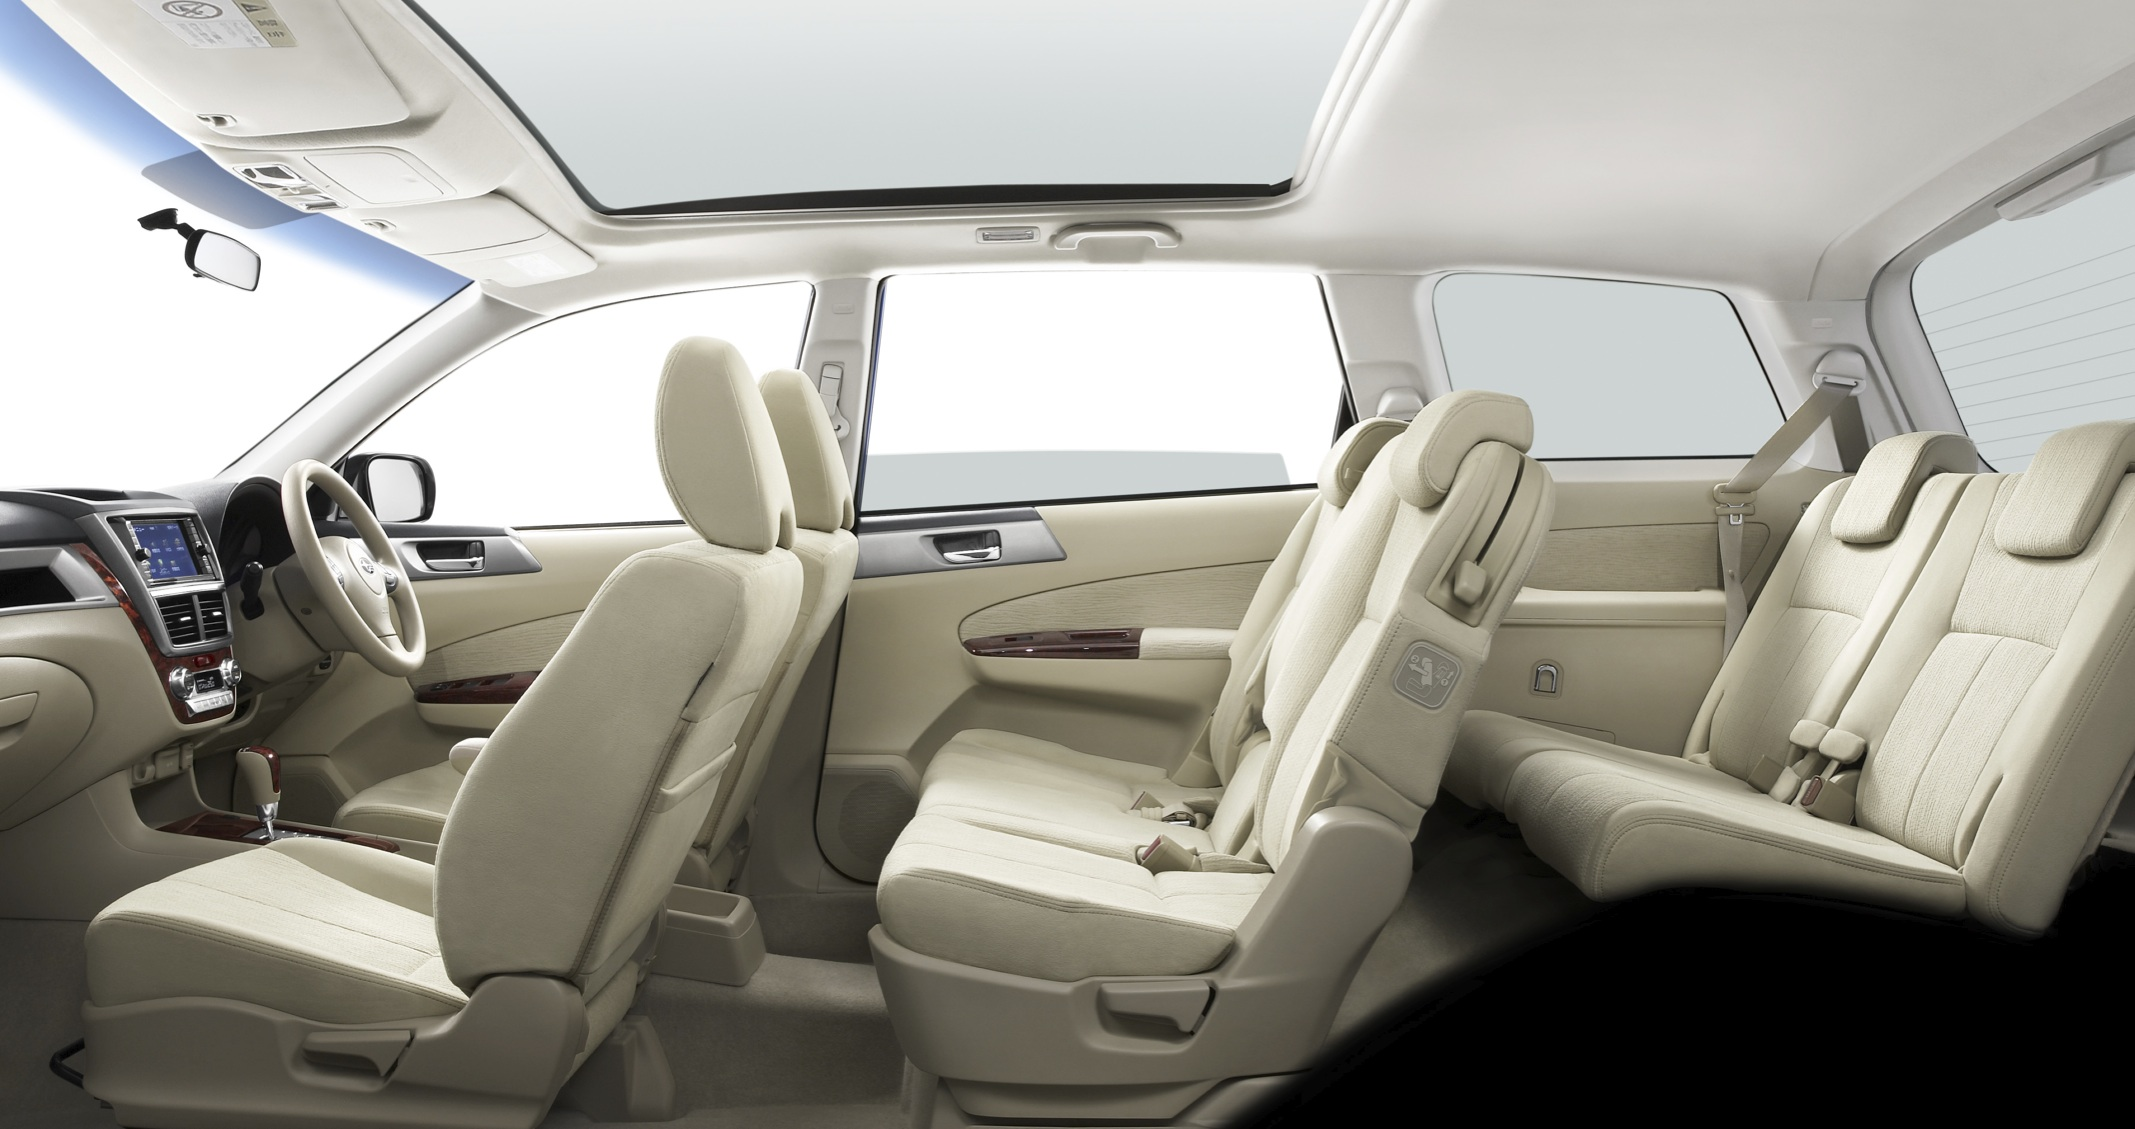 Subaru Exiga 2008 2009 2010 2011 2012 2013 2014 2015 2016 2017 Autoevolution